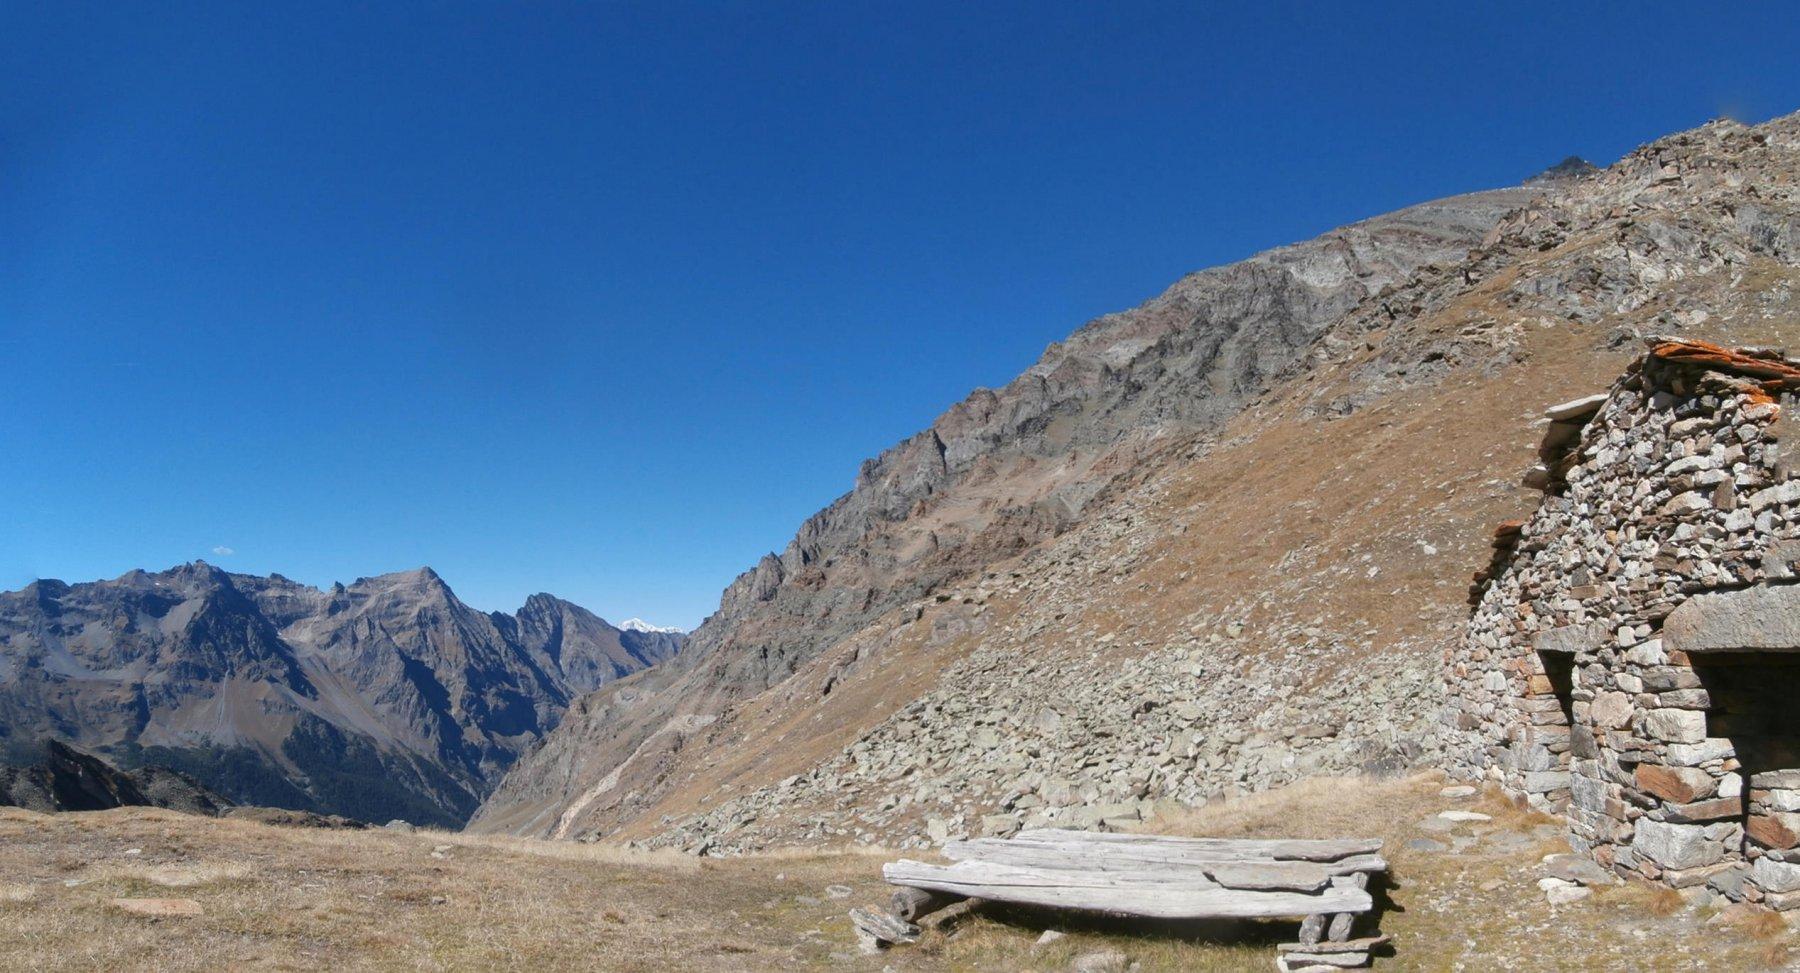 dalla baita Levionaz panorama verso la Bioula con il Bianco sulllo sfondo..